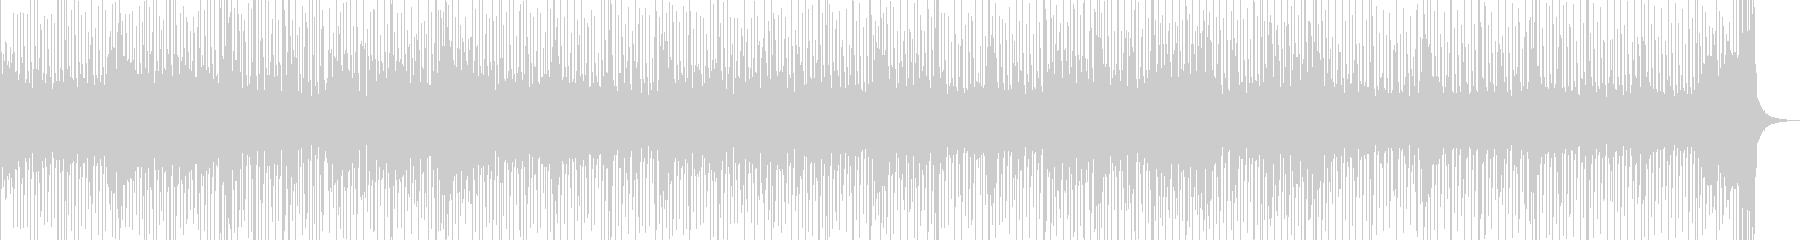 三味線とドラムのスピード感あるセッションの未再生の波形